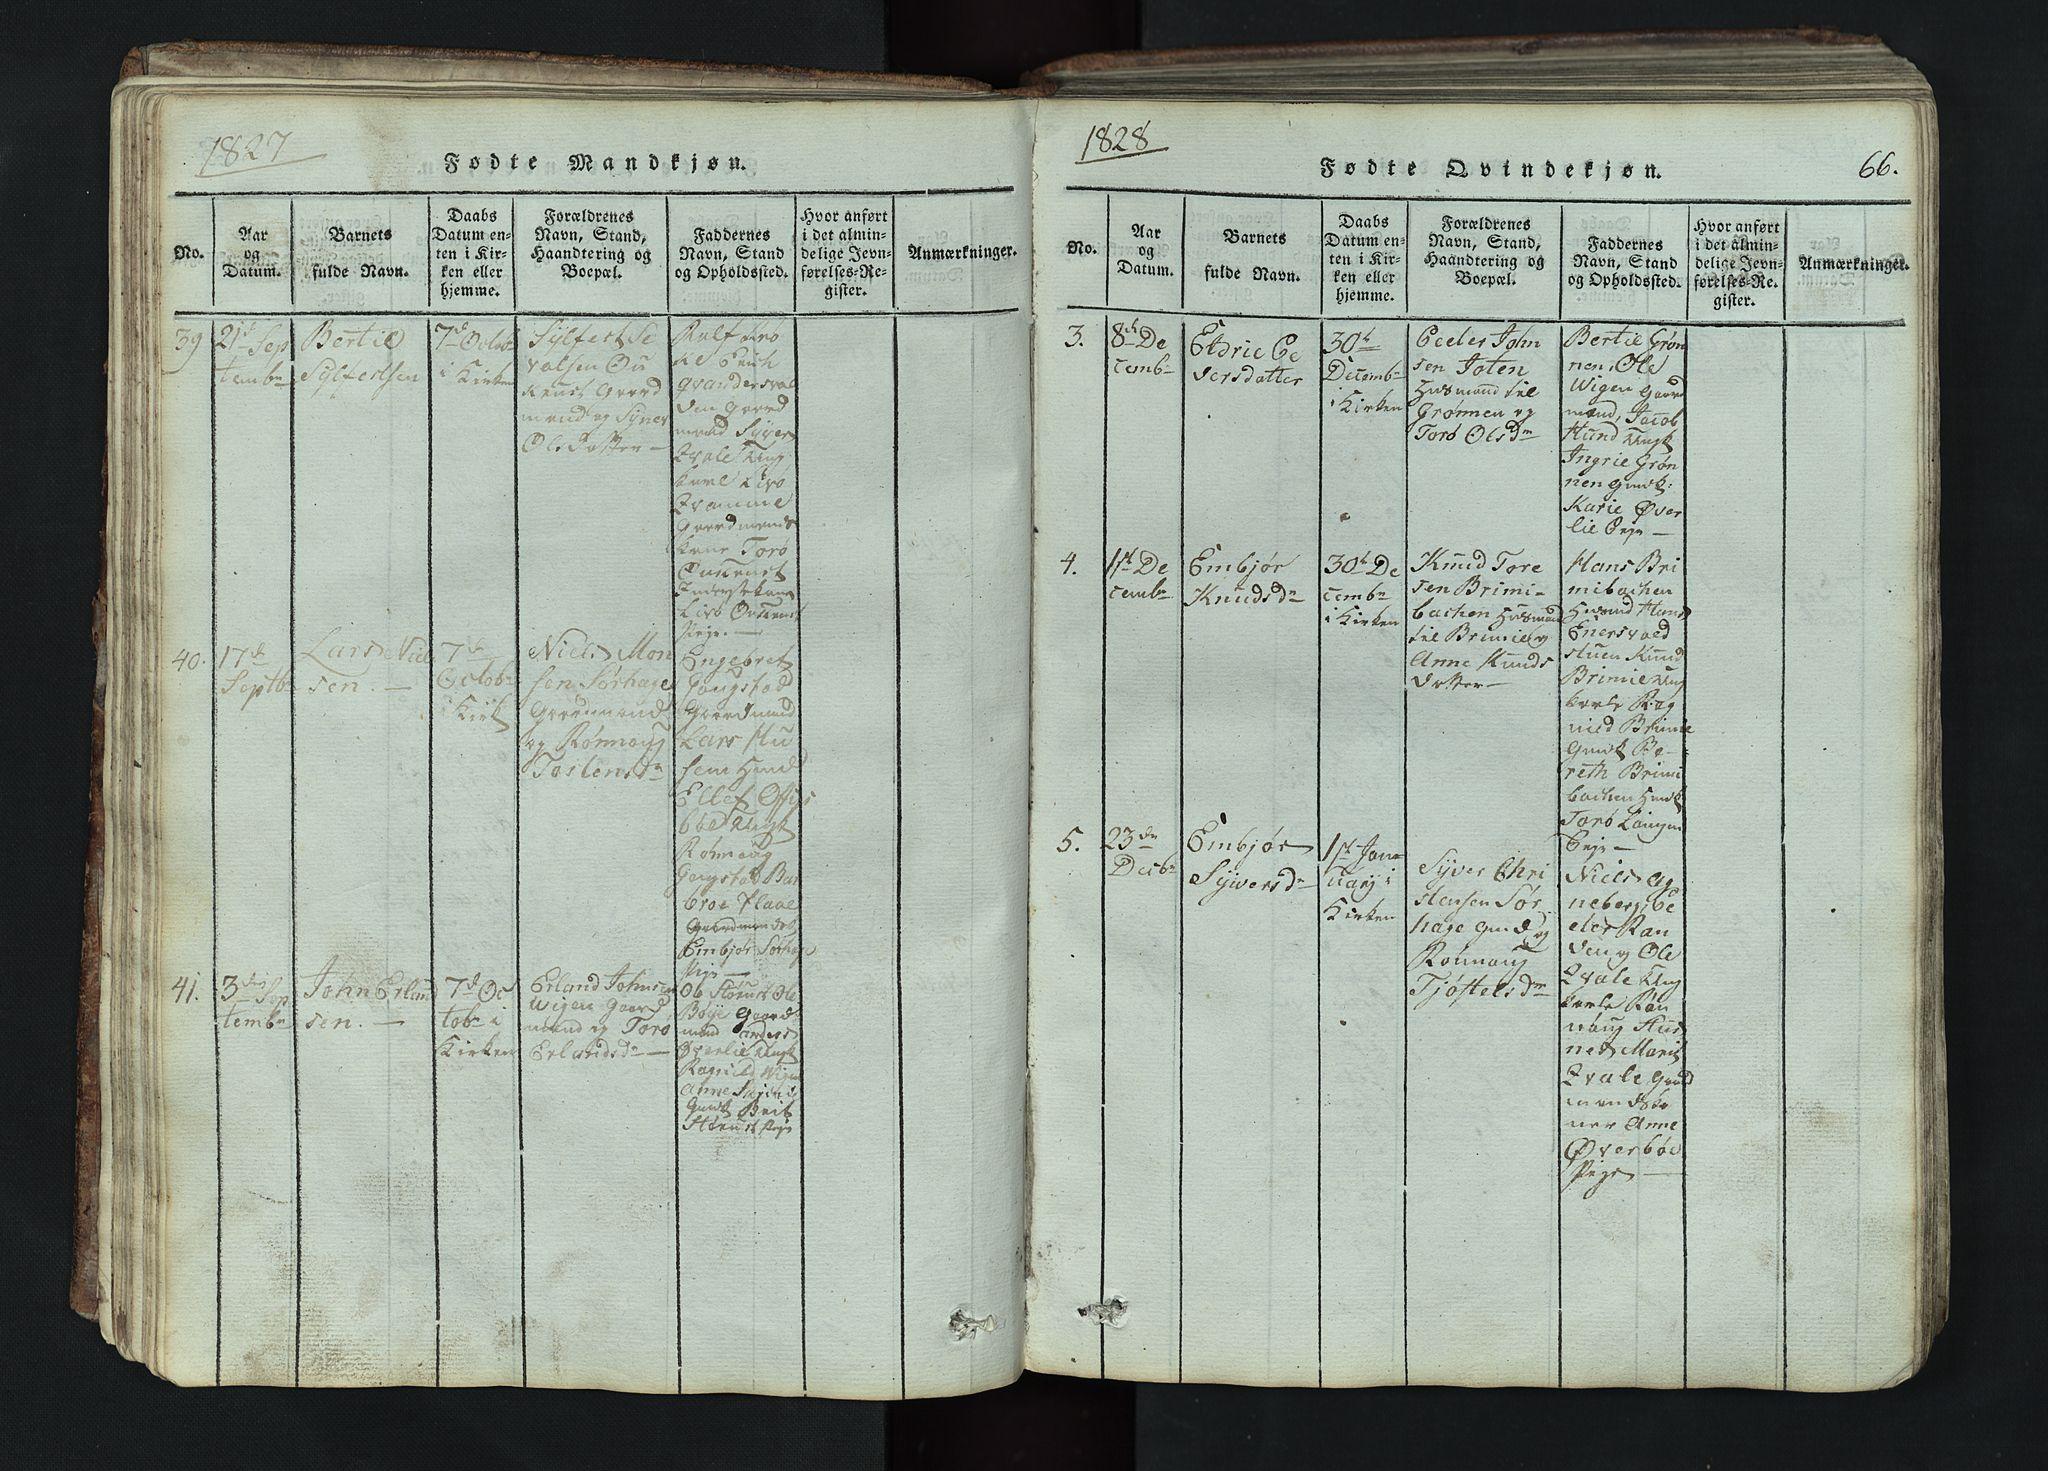 SAH, Lom prestekontor, L/L0002: Klokkerbok nr. 2, 1815-1844, s. 66